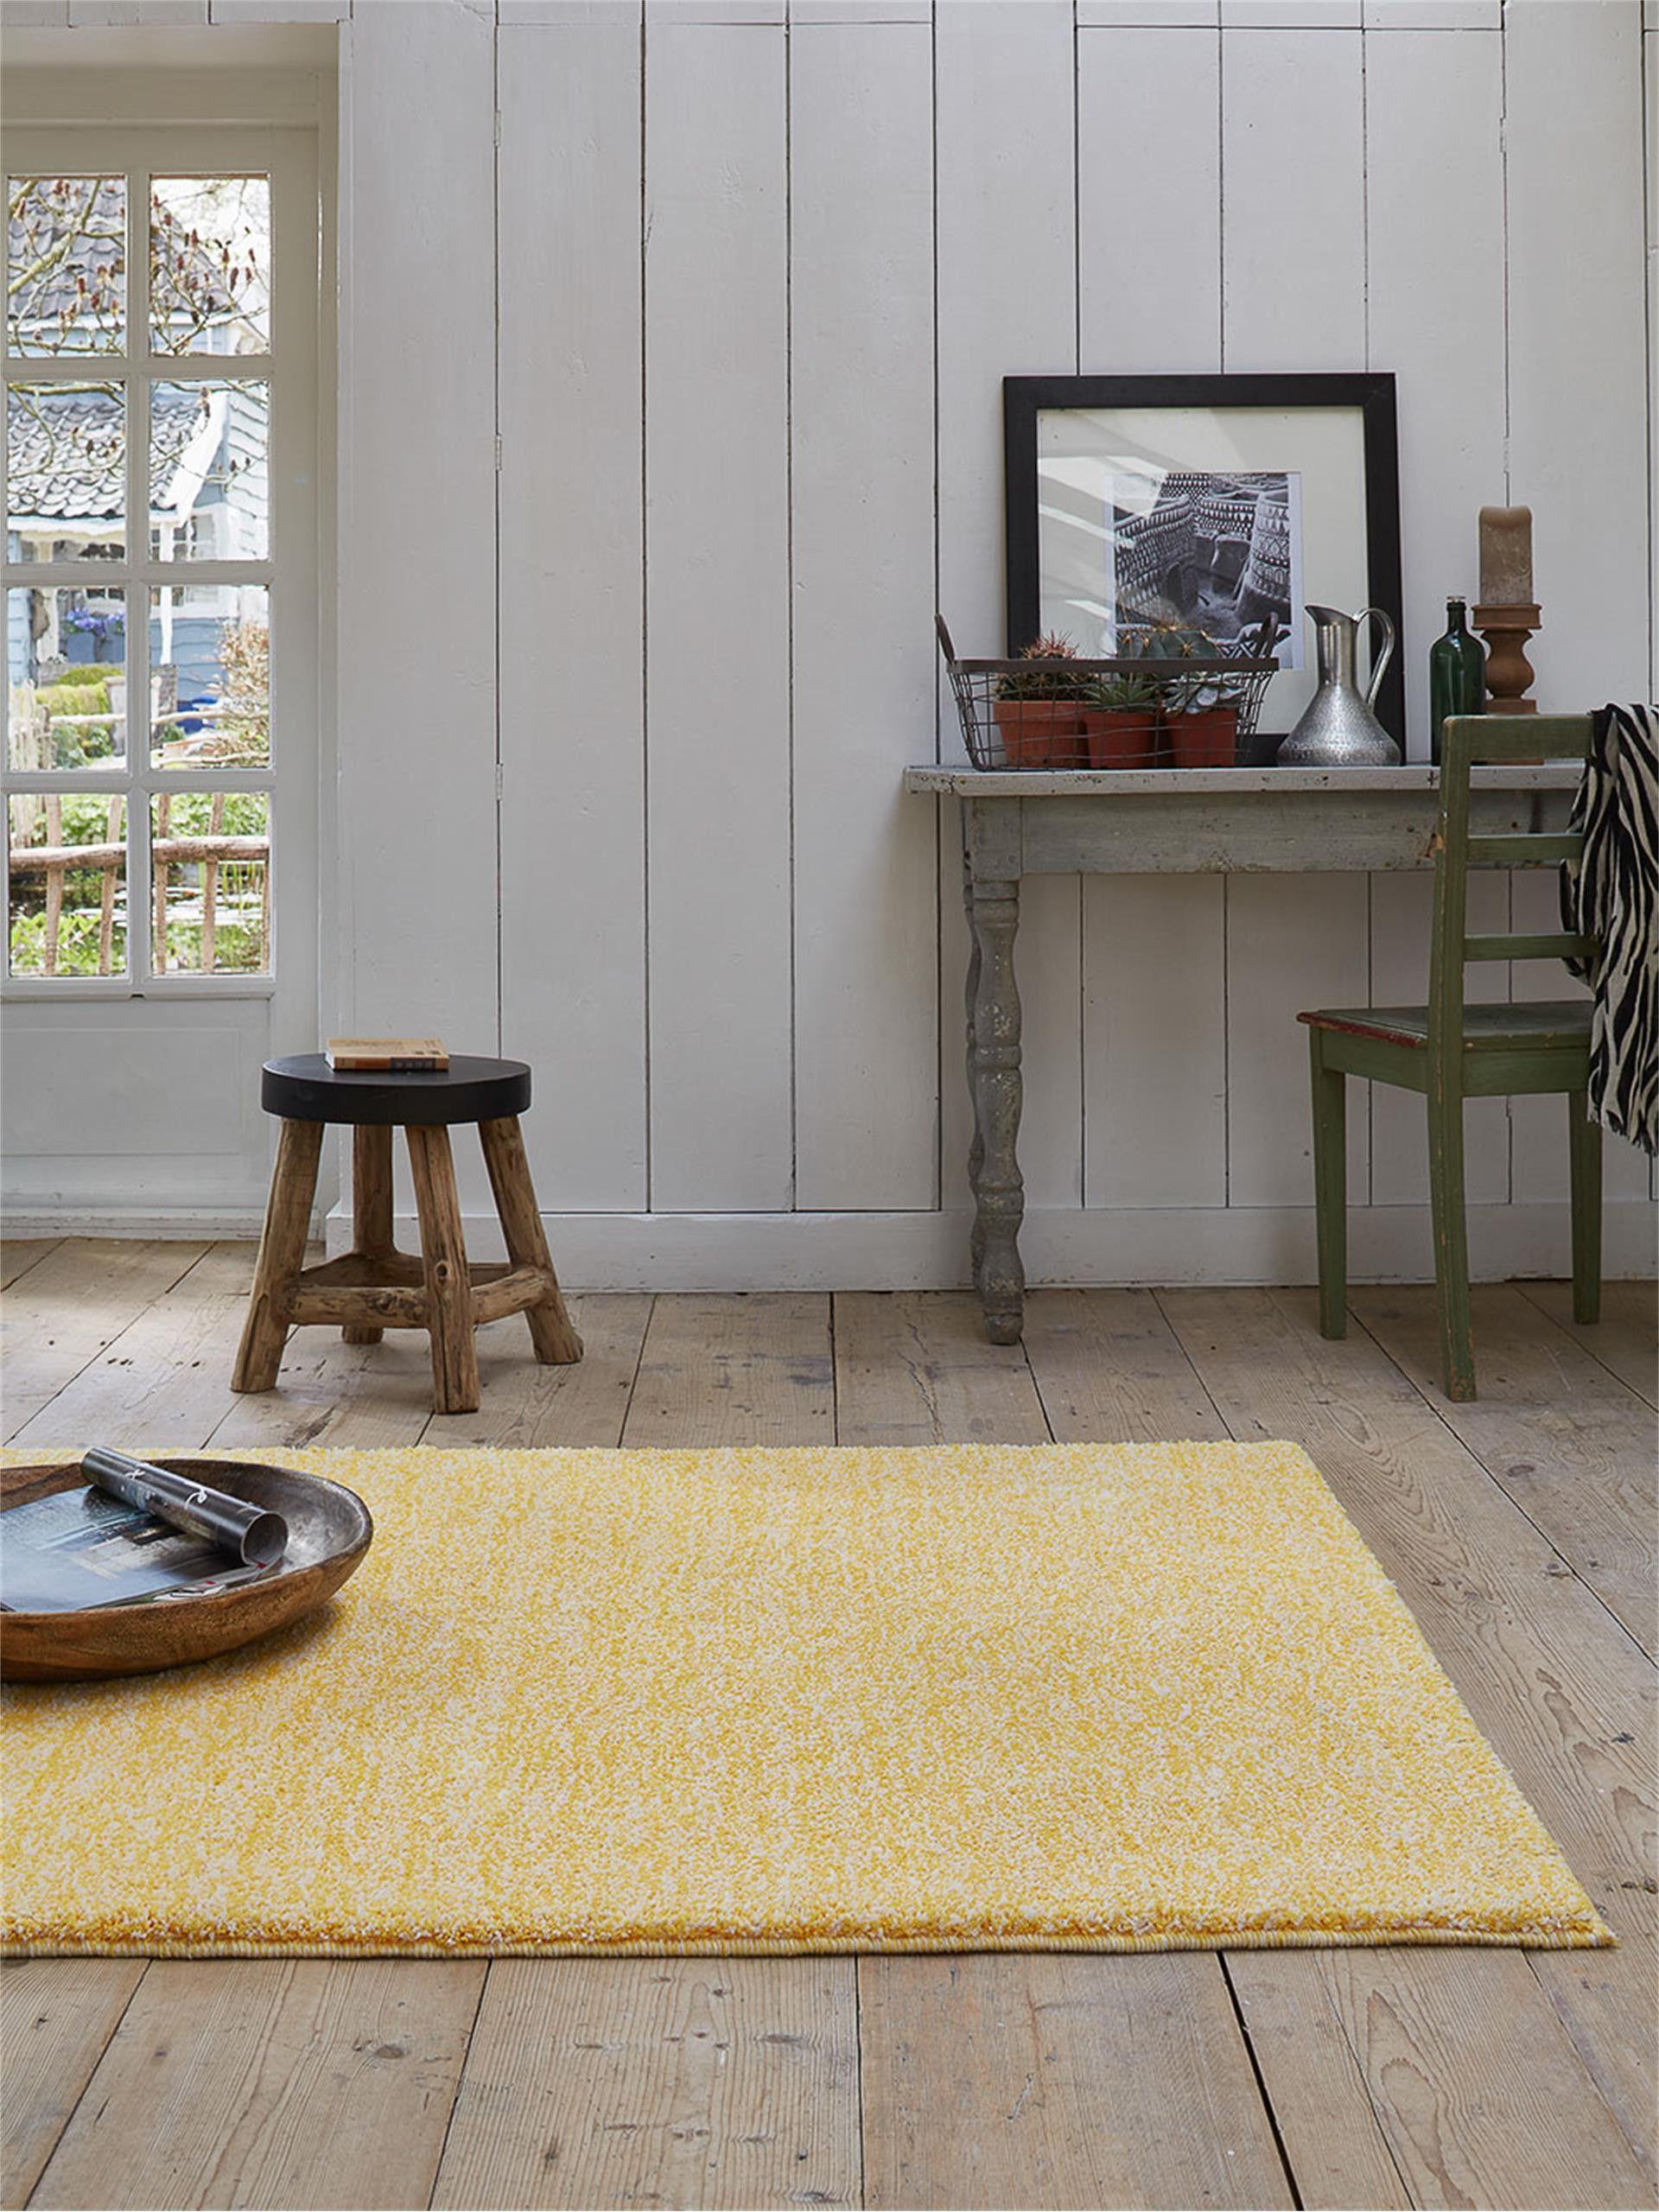 Gelb bringt sowohl Farbe, Leben, als auch Wärme mit in ihr Haus. Mit ...